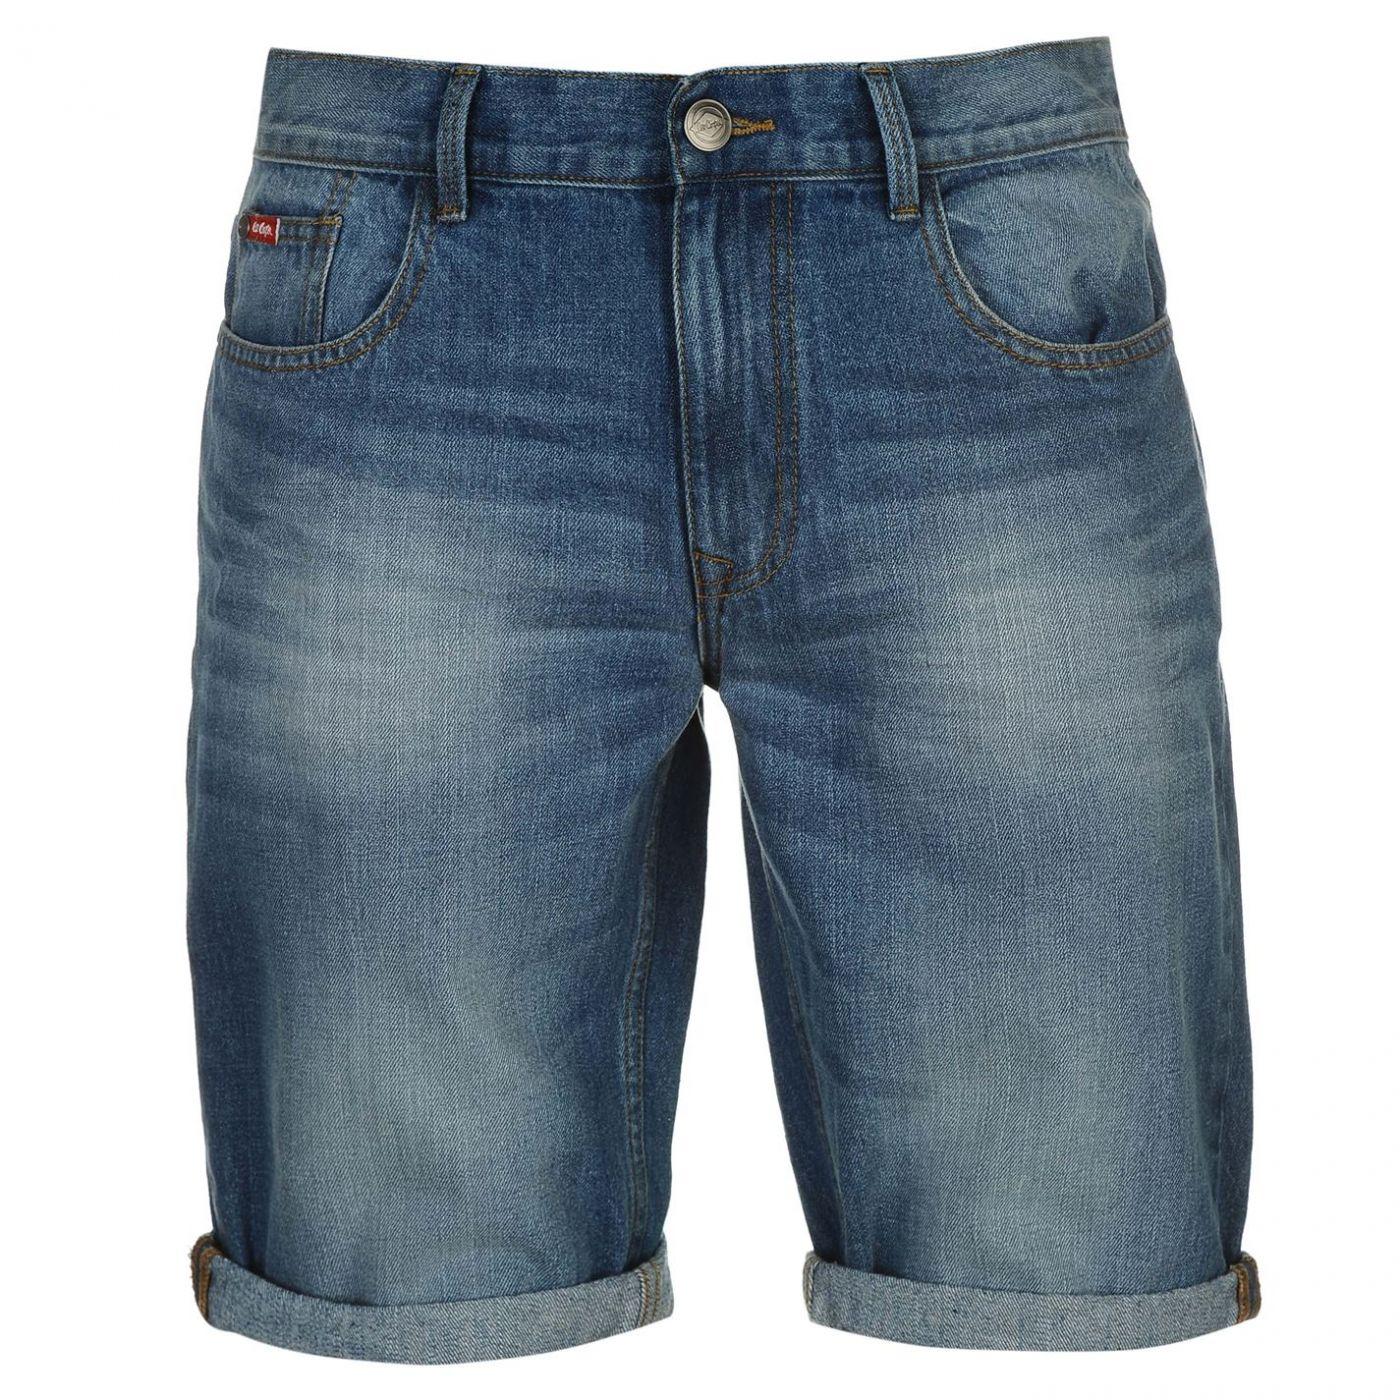 Lee Cooper Belted Jeans Denim Mens Gents